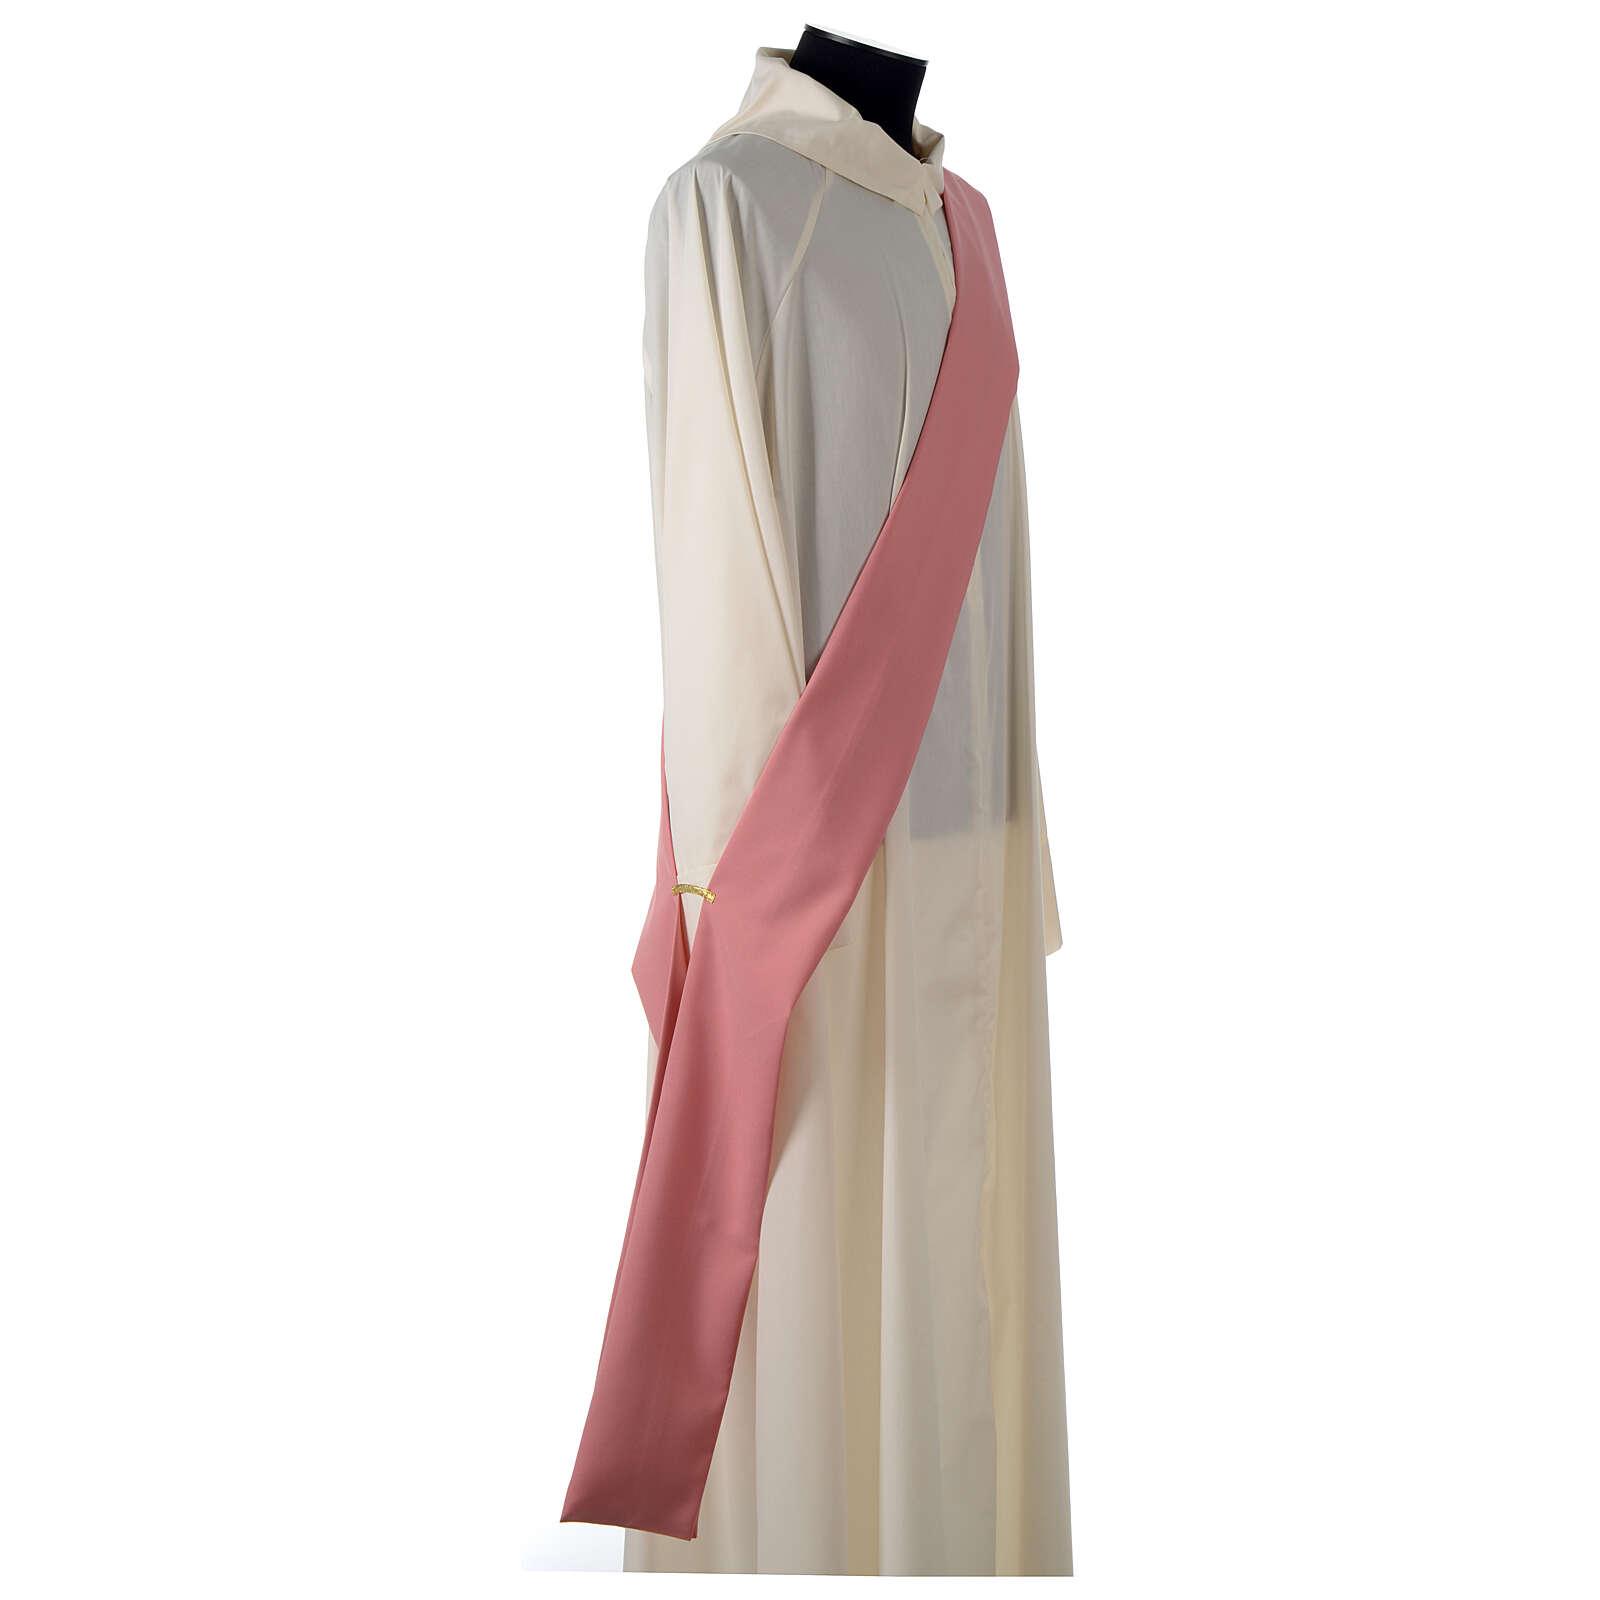 Dalmatyka różowa galon aplikowany z przodu tkanina Vatican poliester 4